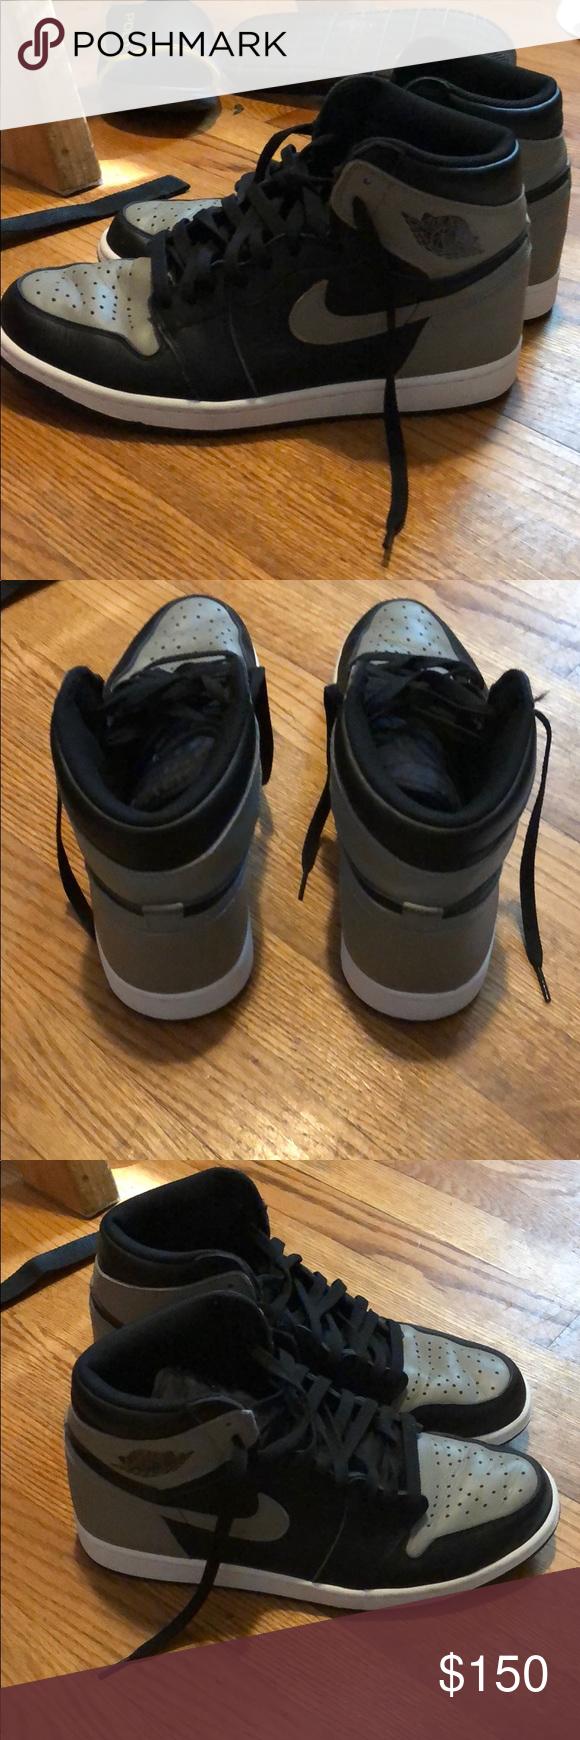 Air Jordan 1 Shadow Size 10.5 | Air